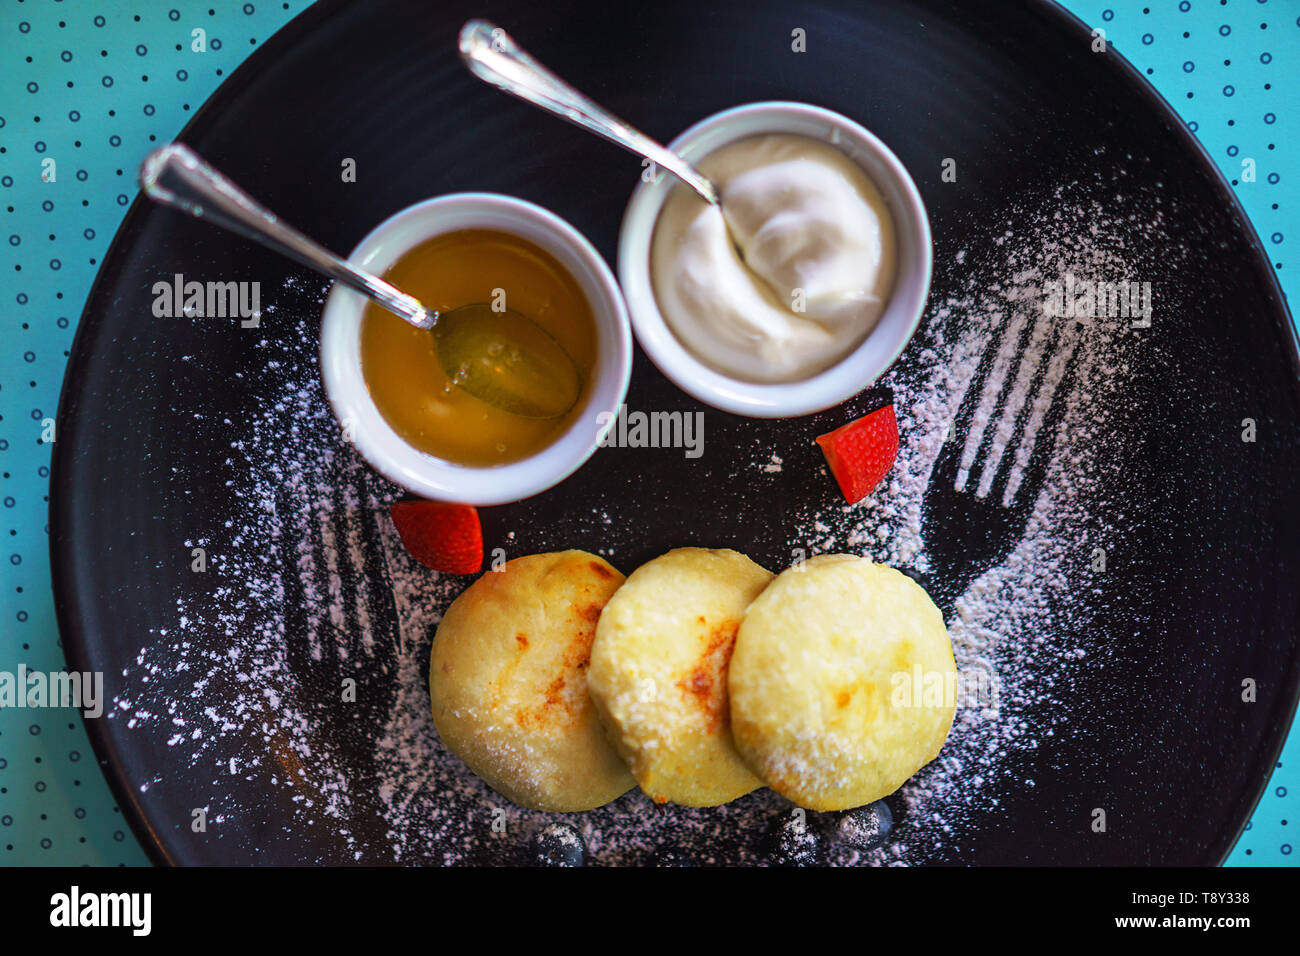 Desayuno saludable cottage cheesecakes Federación sirniki con miel y crema agria para desayunar sobre fondo azul. Foto de stock